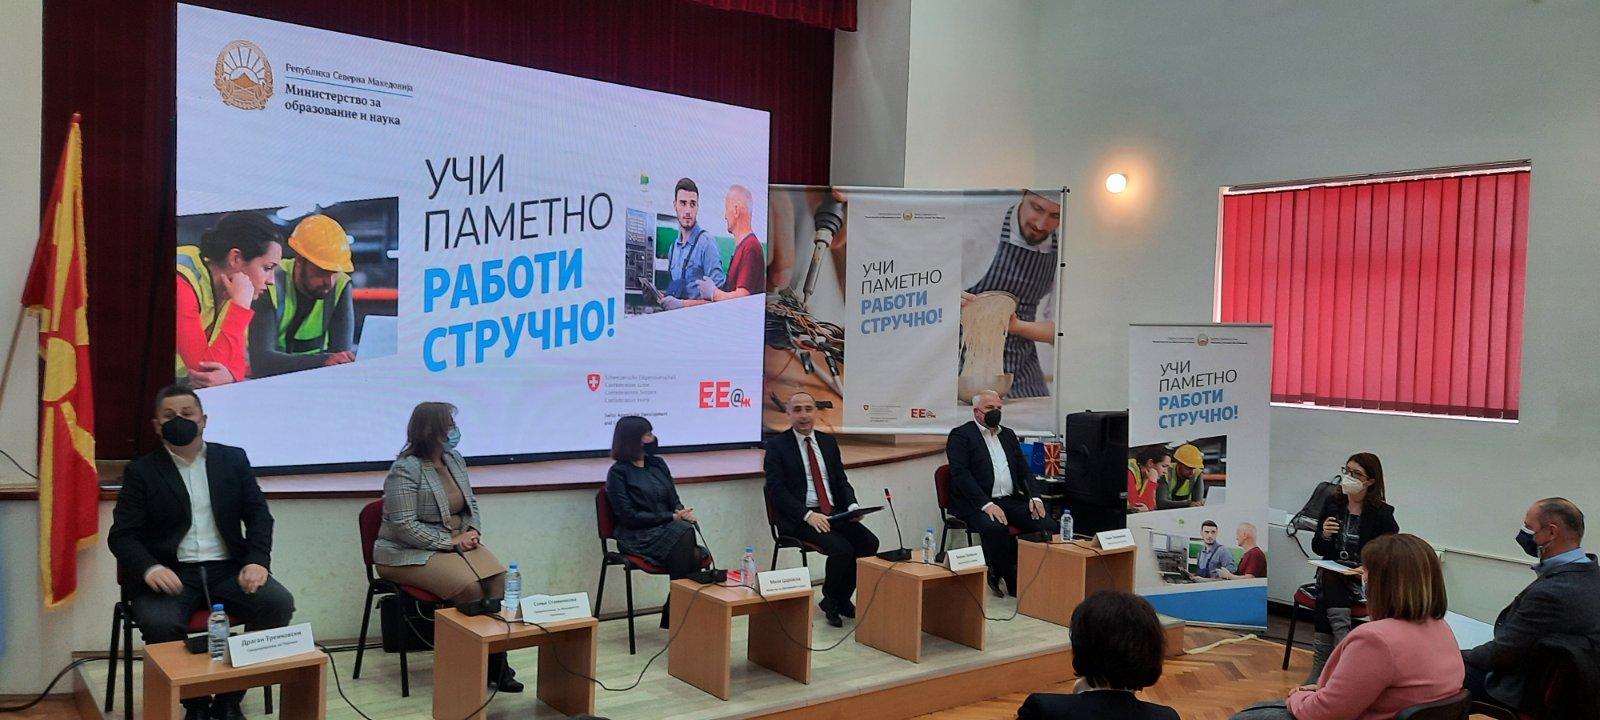 """Министерката Царовска на панел дискусија во Берово ,,Учи паметно, работи стручно"""""""